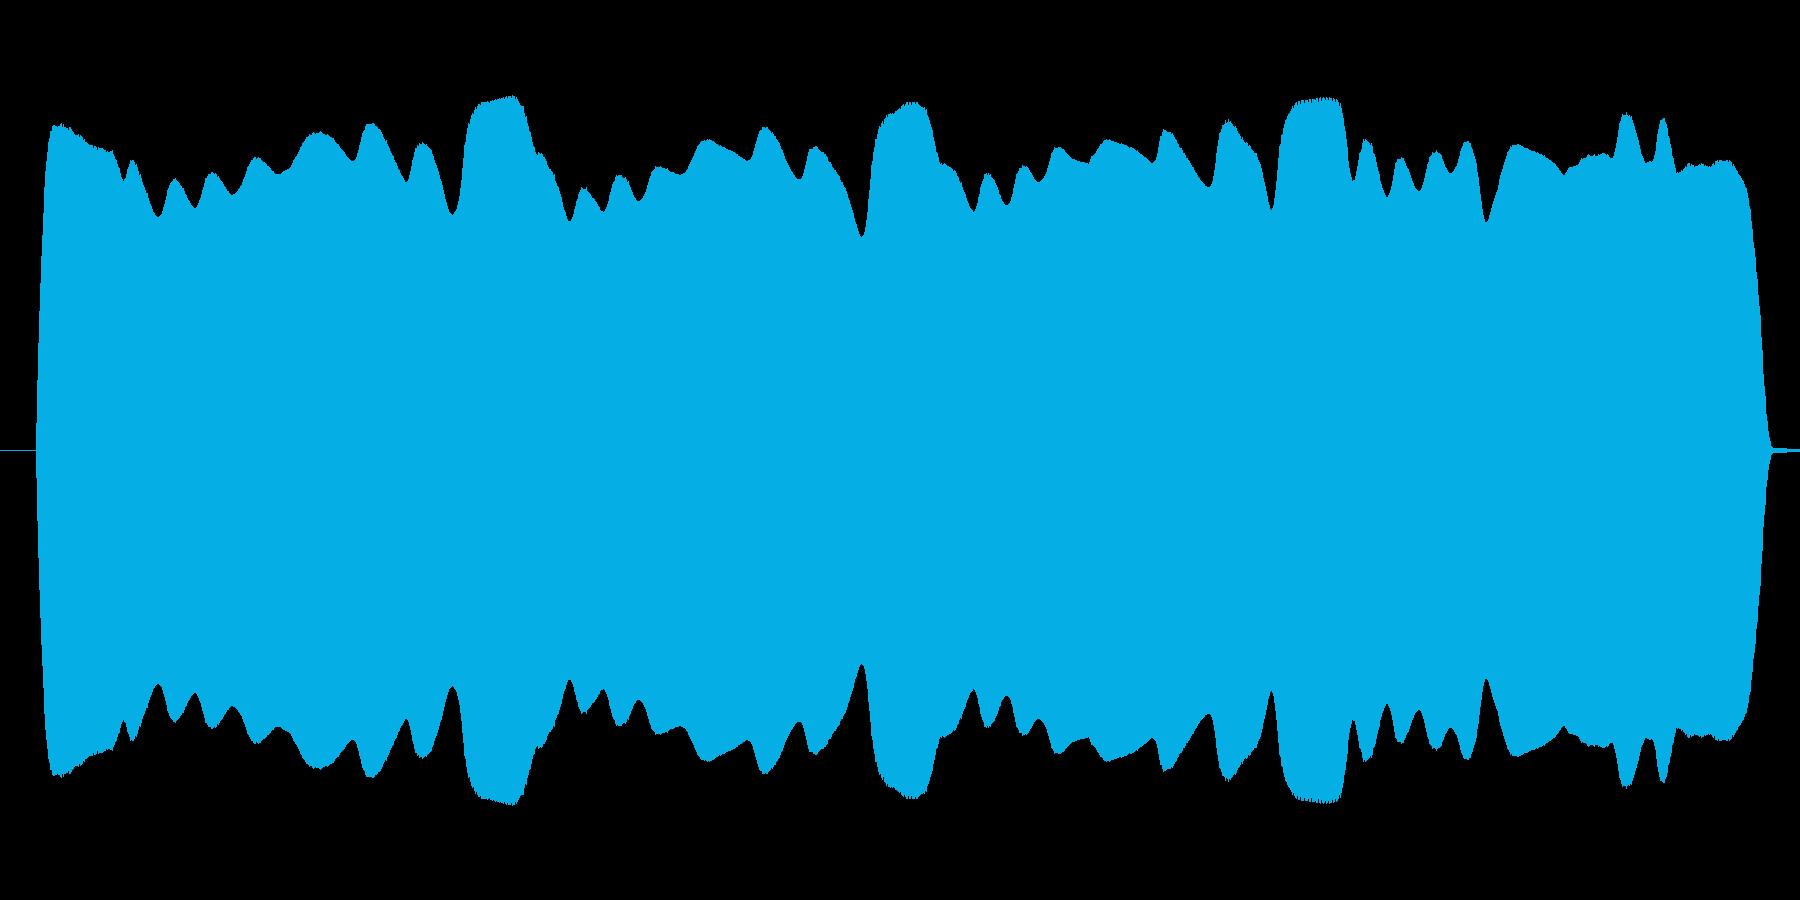 ブワンブワンまわるテルミン高音域寄りの再生済みの波形